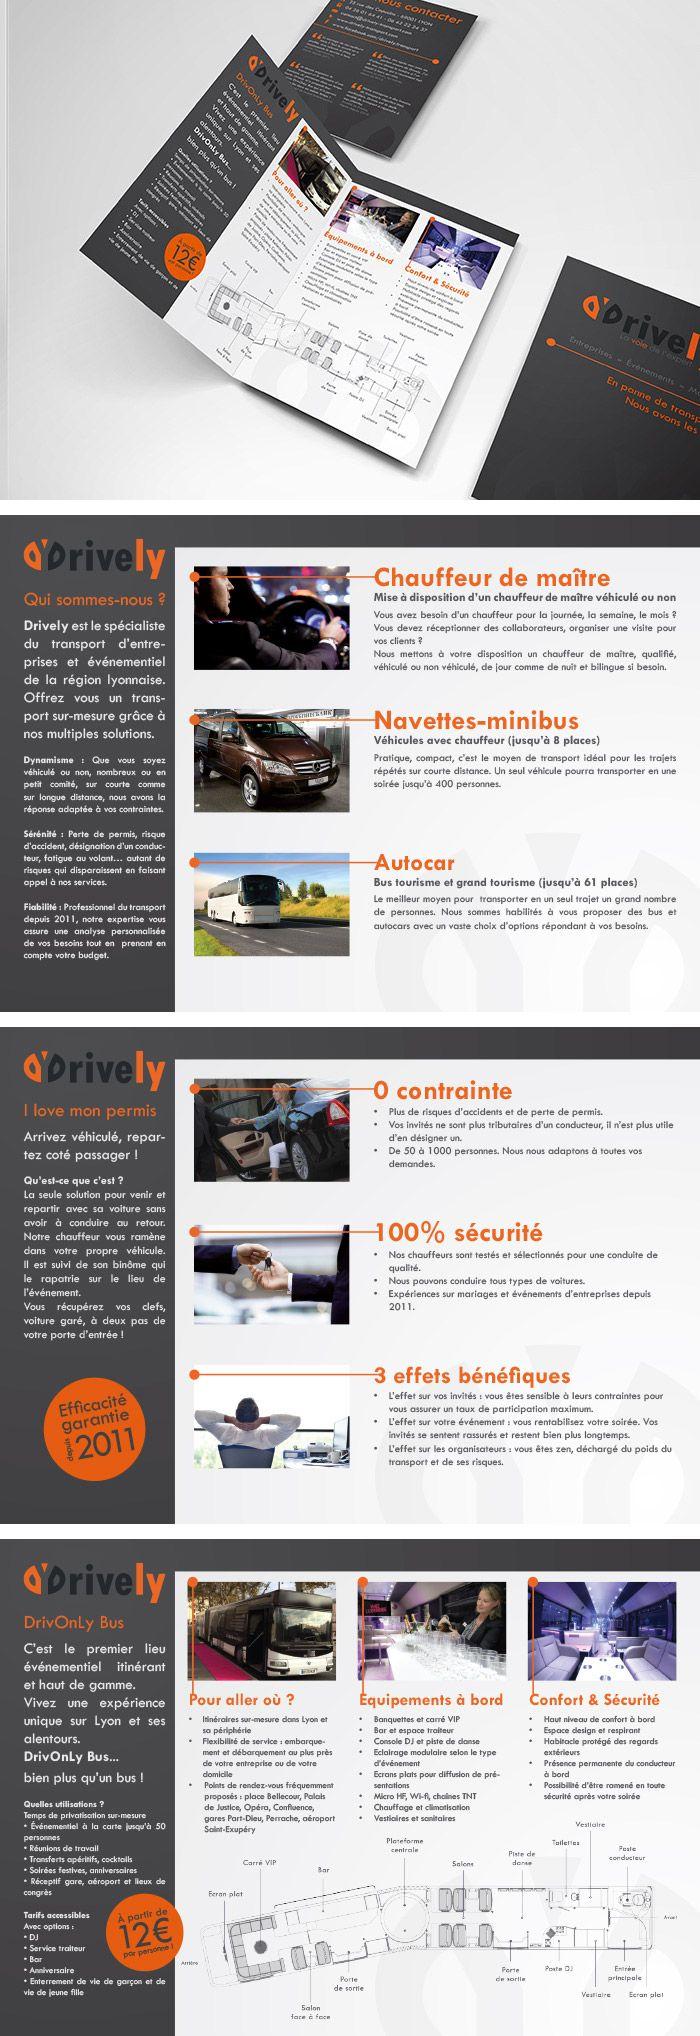 plaquette commerciale - sales leaflet - drively - soci u00e9t u00e9 de transport